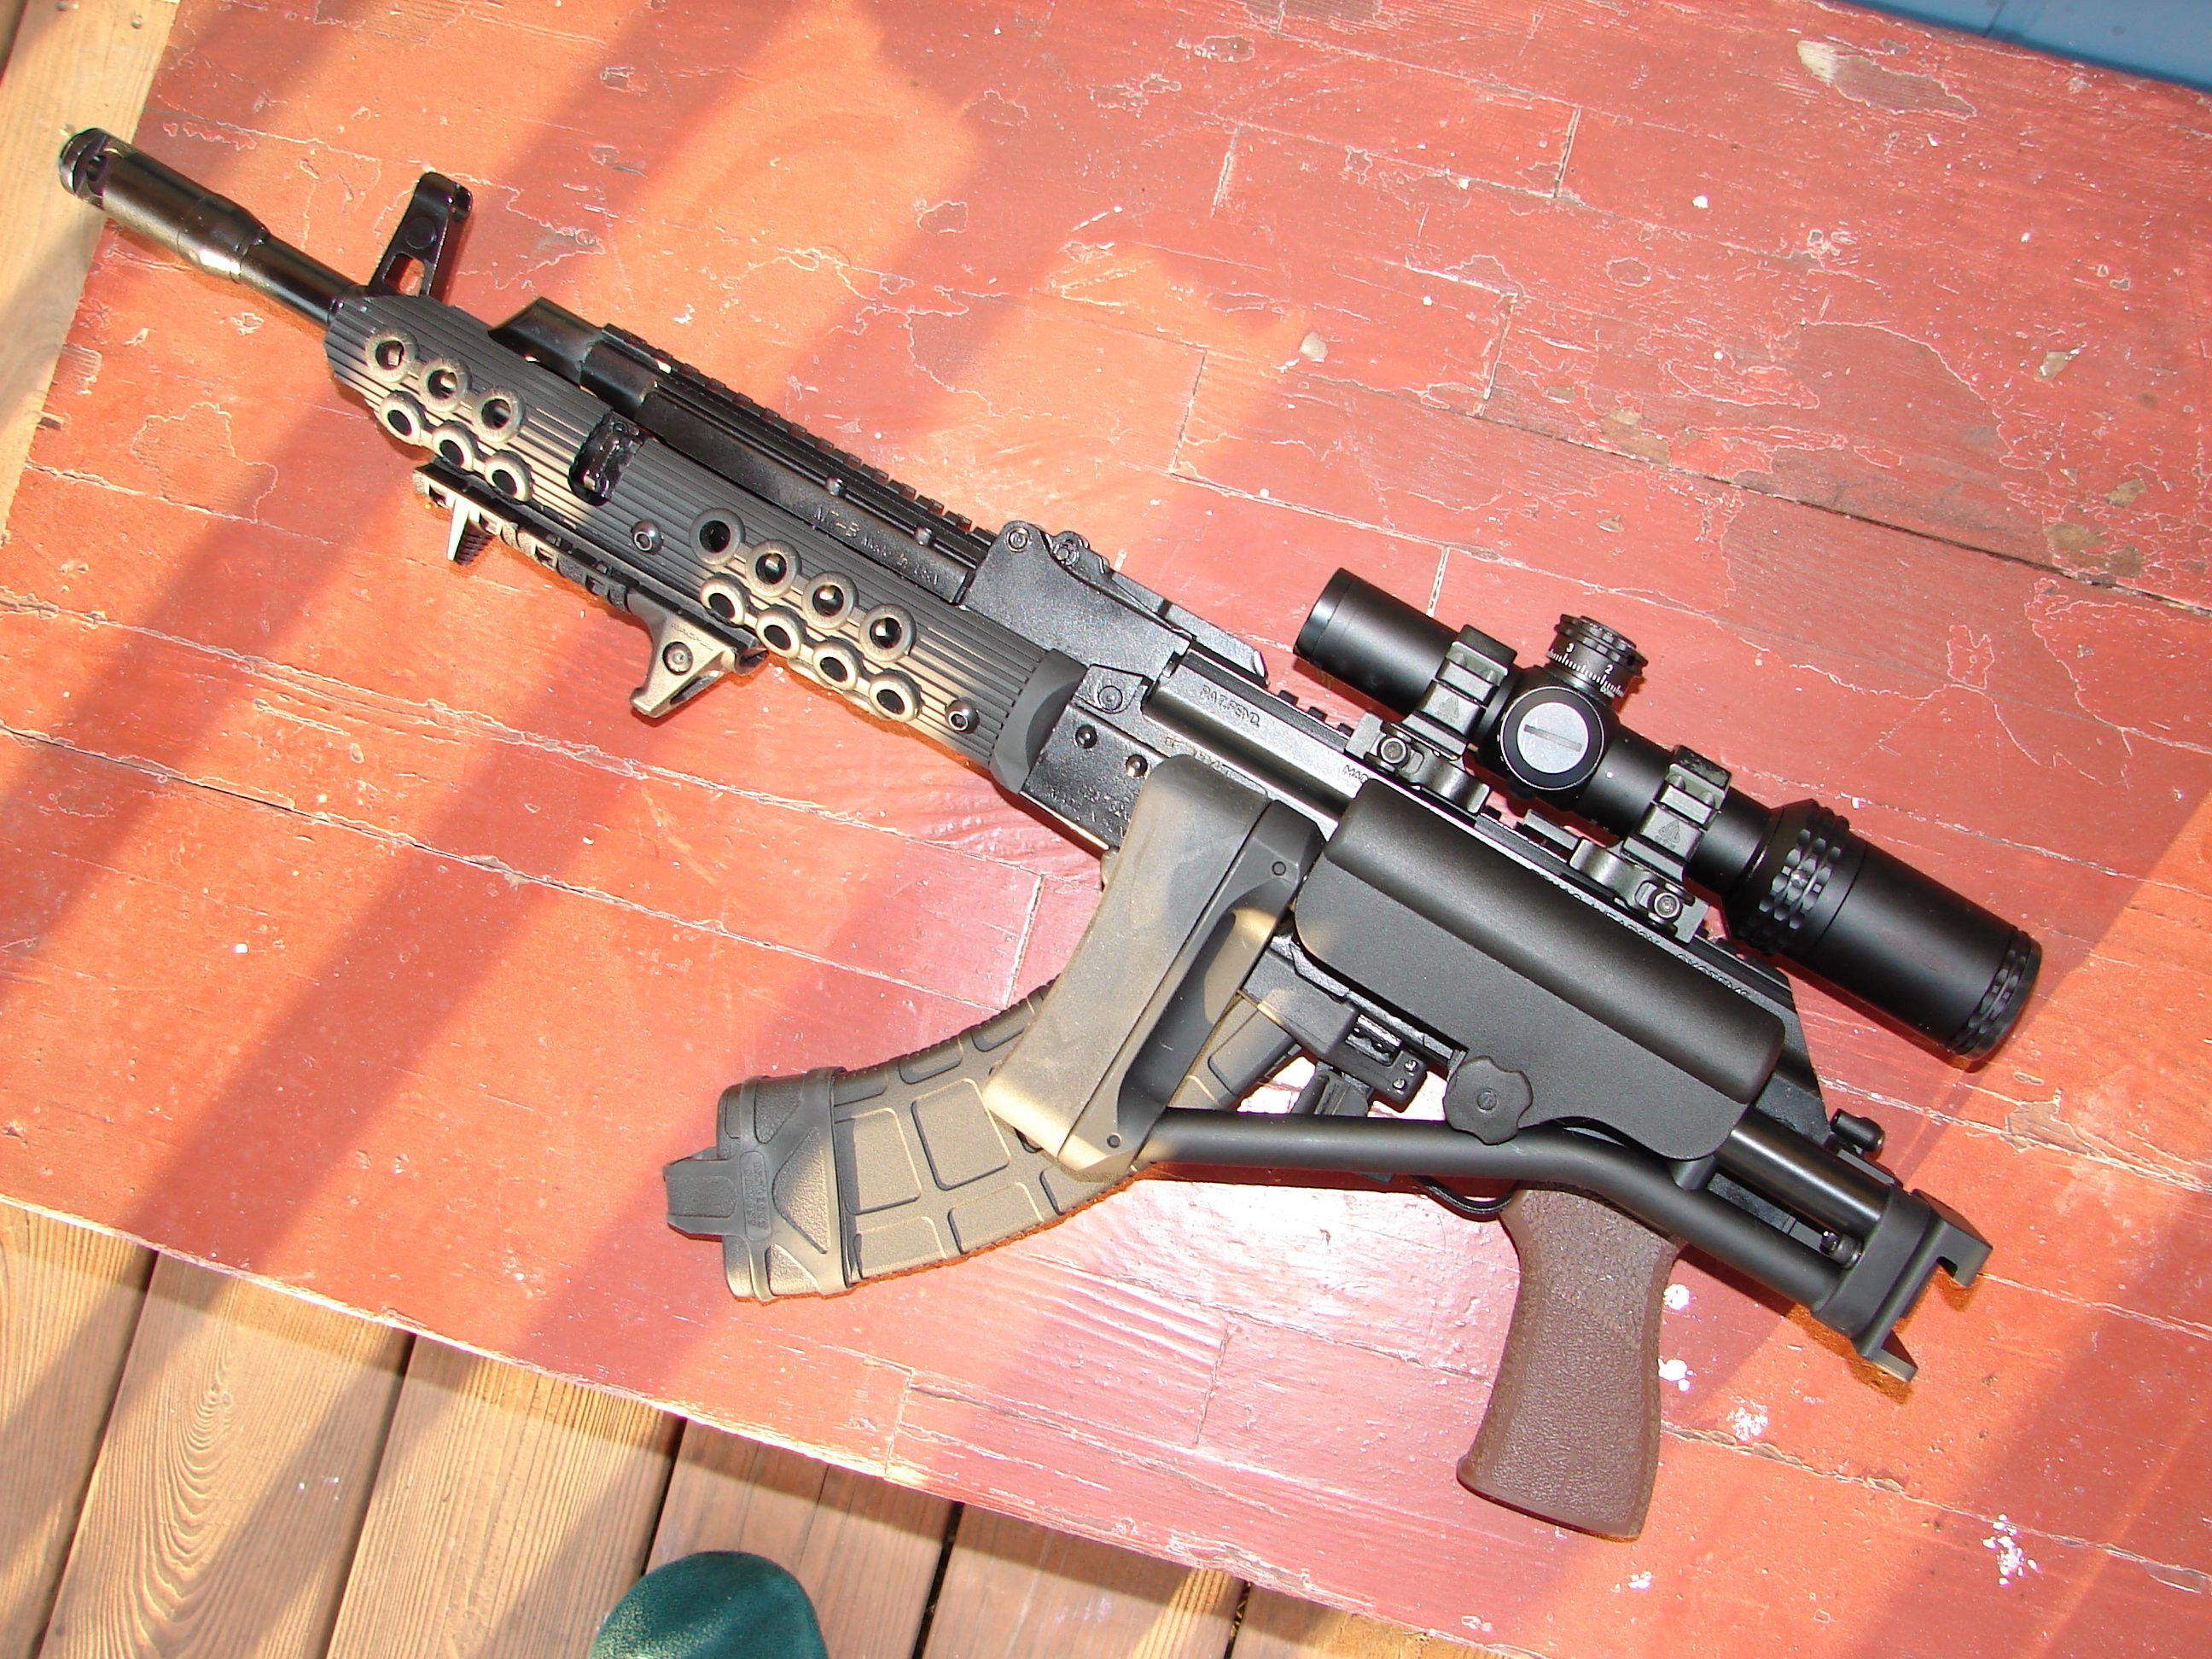 Feg mobili ~ My heavily modified feg amd kalish guns